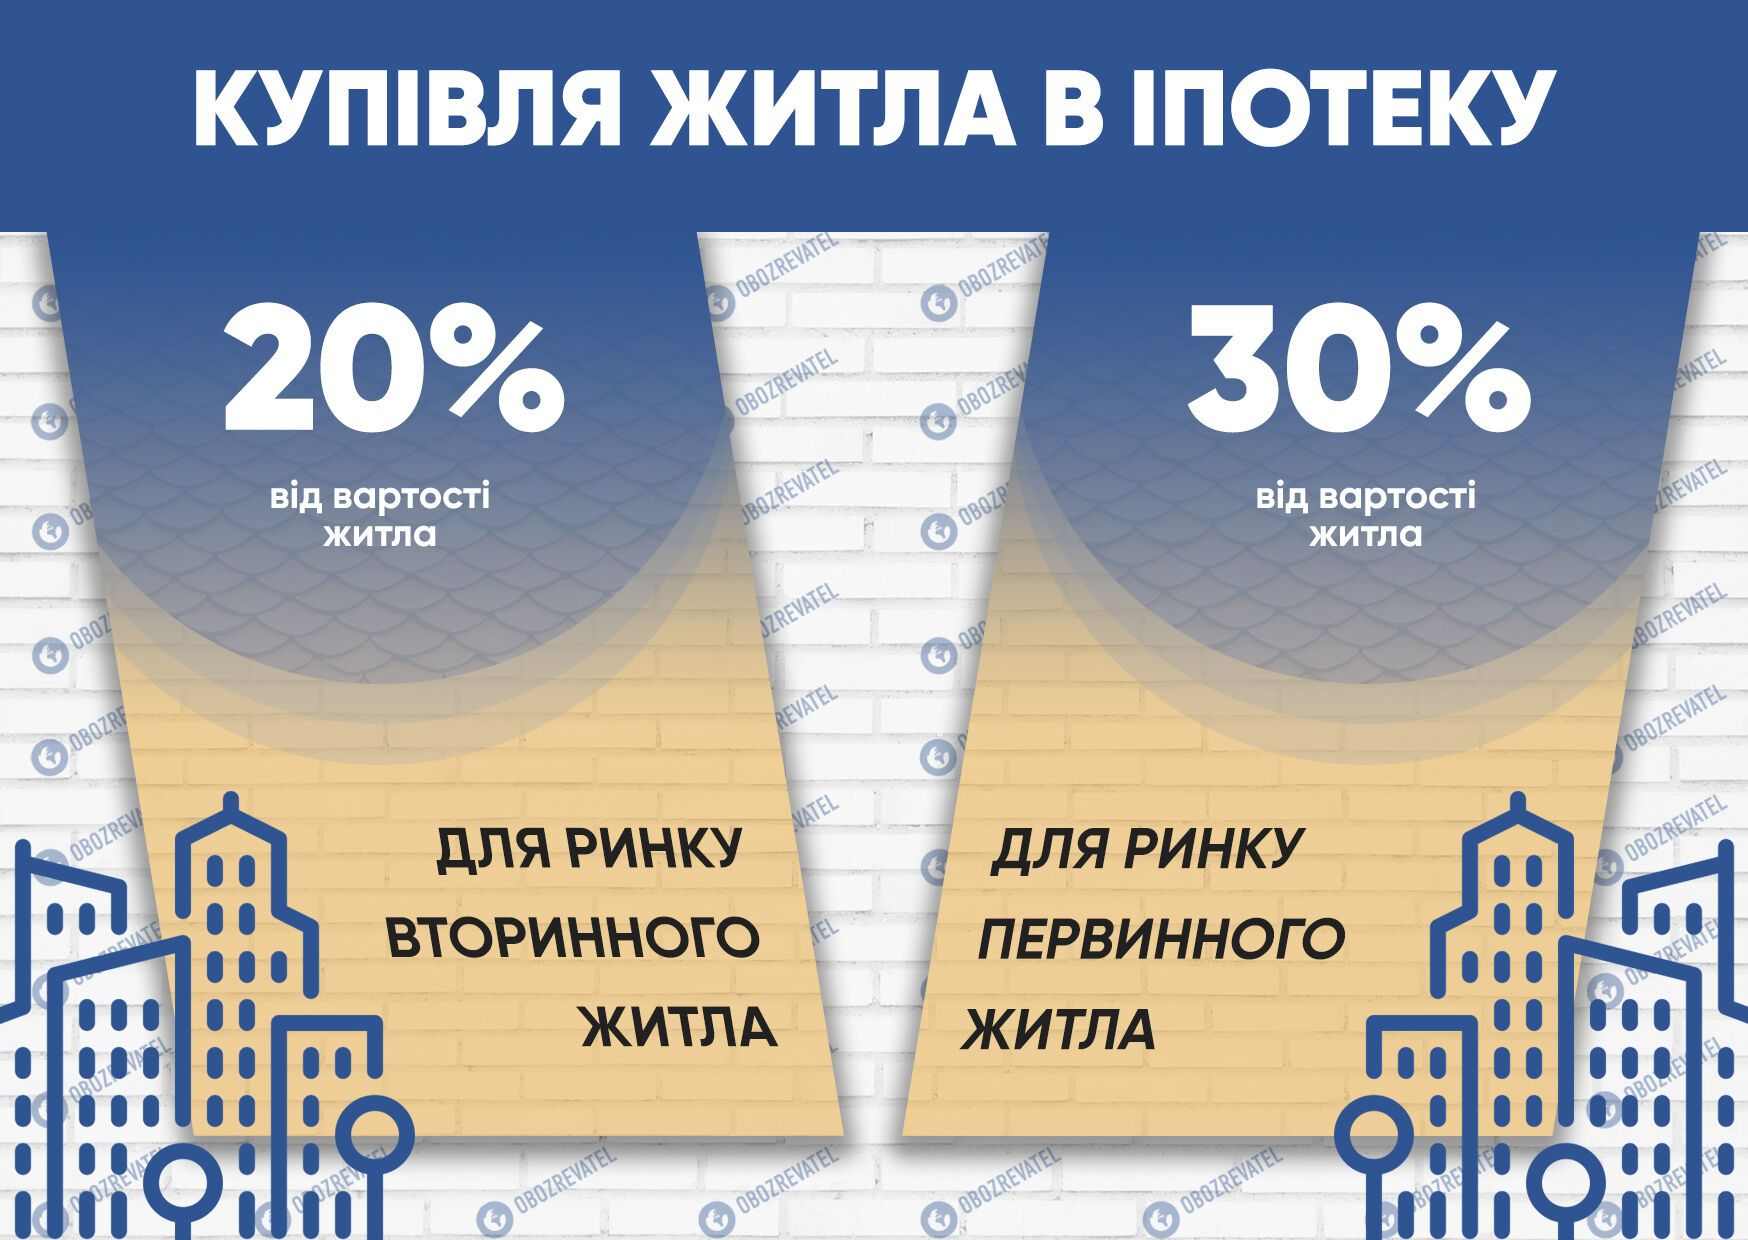 Квартиры в ипотеку: украинцам пояснили, как получить деньги на собственное жилье